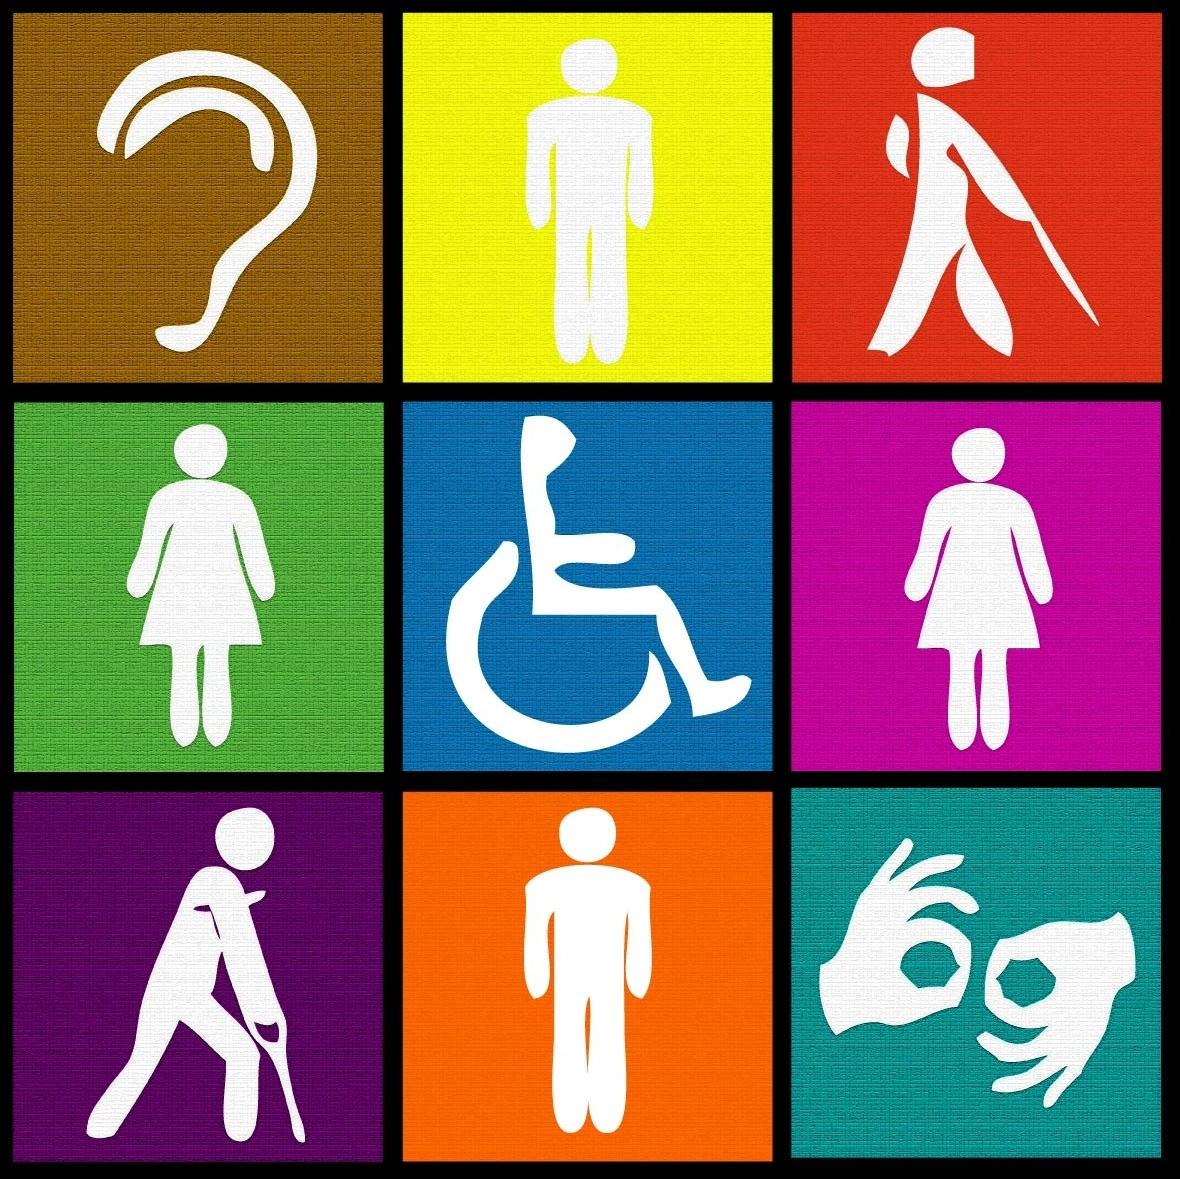 Aumentan estudios académicos sobre discapacidad